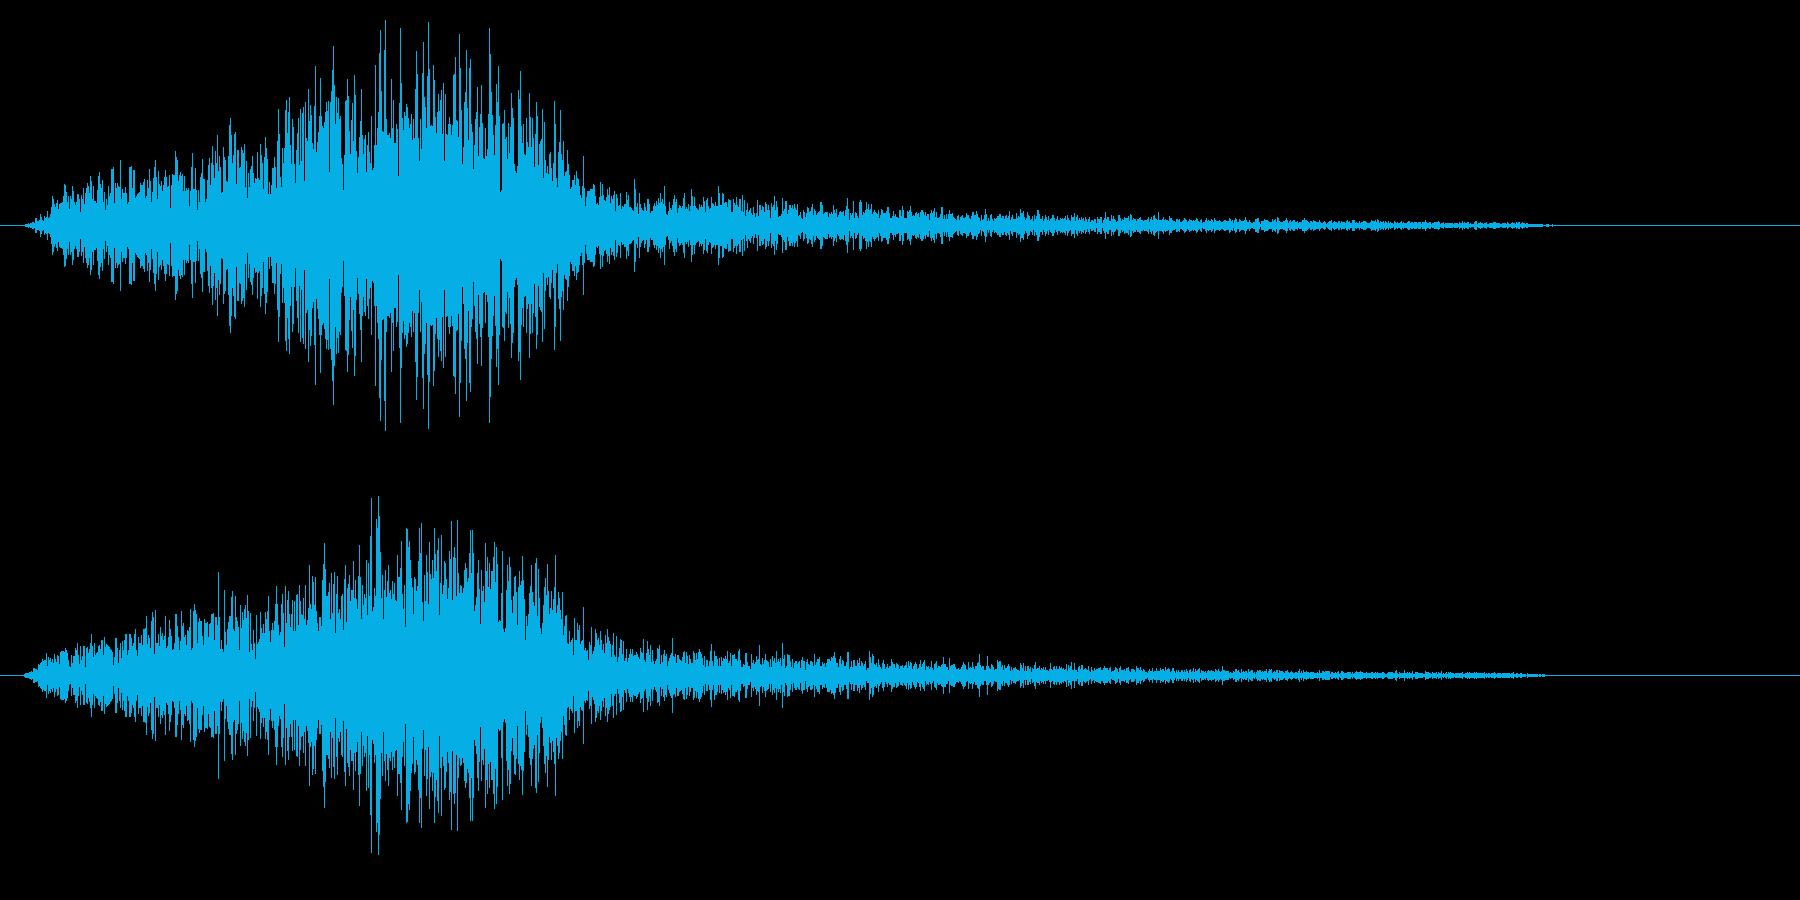 シューッというエアー音の再生済みの波形